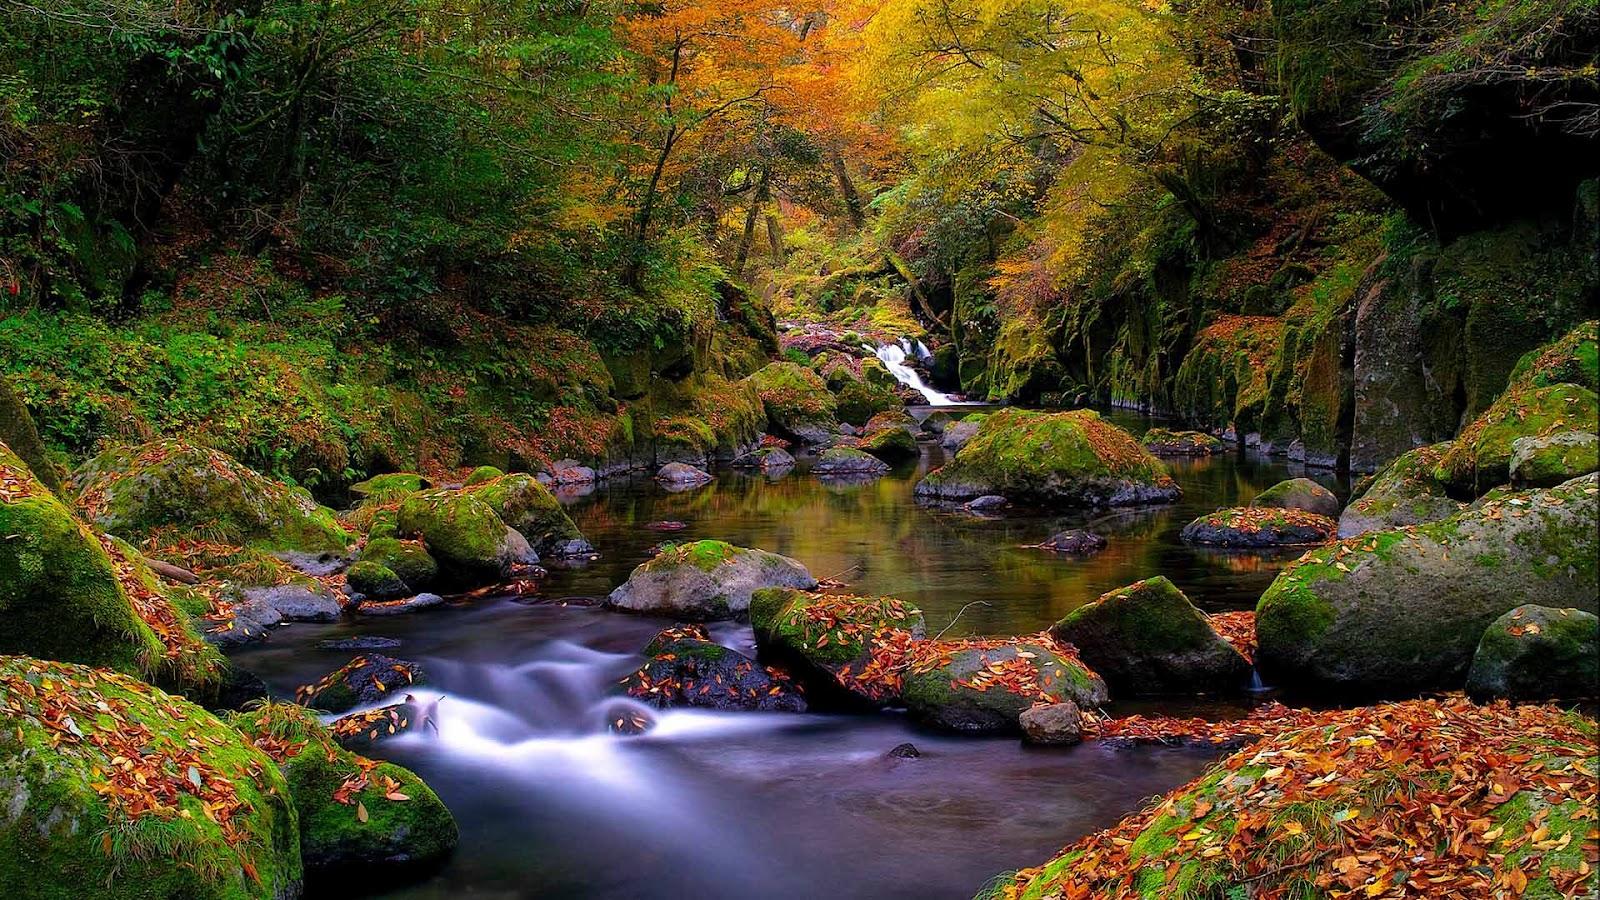 http://3.bp.blogspot.com/-7Qi3Of3VEb0/UCVscIKWHsI/AAAAAAAAATA/zoV2Pz-Ql0A/s1600/hd-landschap-wallpaper-met-herfst-bladeren-en-een-riviertje-met-bomen-herfst-achtergrond-foto.jpg